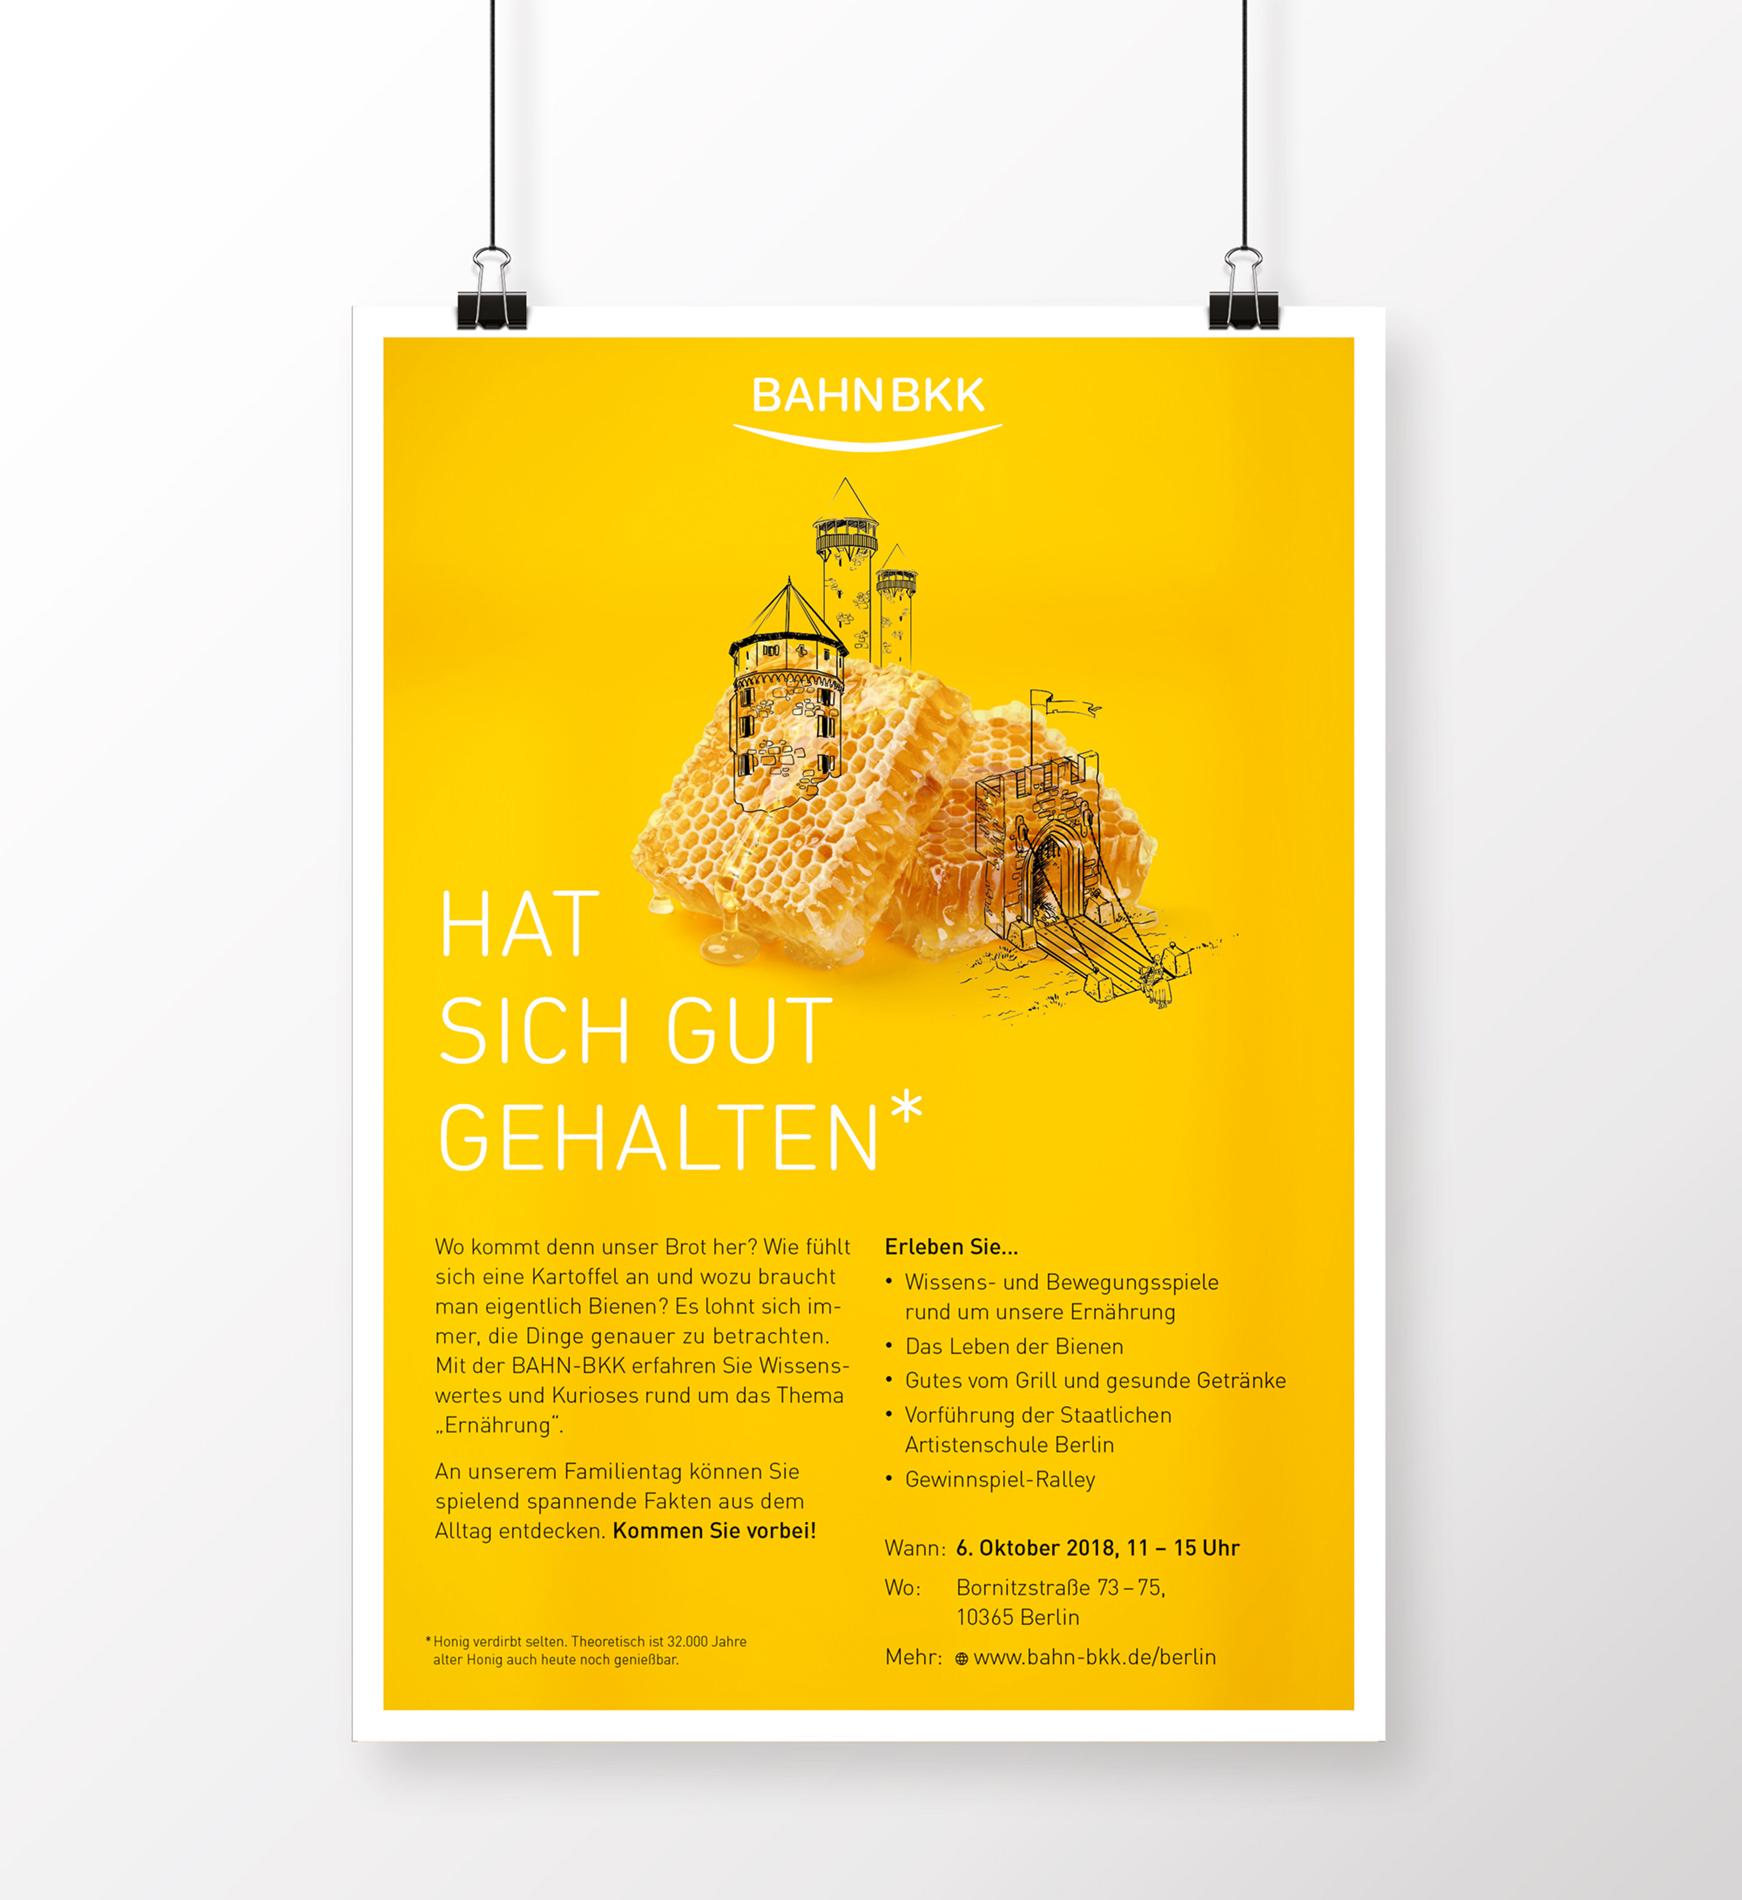 Tag der offenen Tür - Poster 04 (BAHN-BKK, Kampagne)